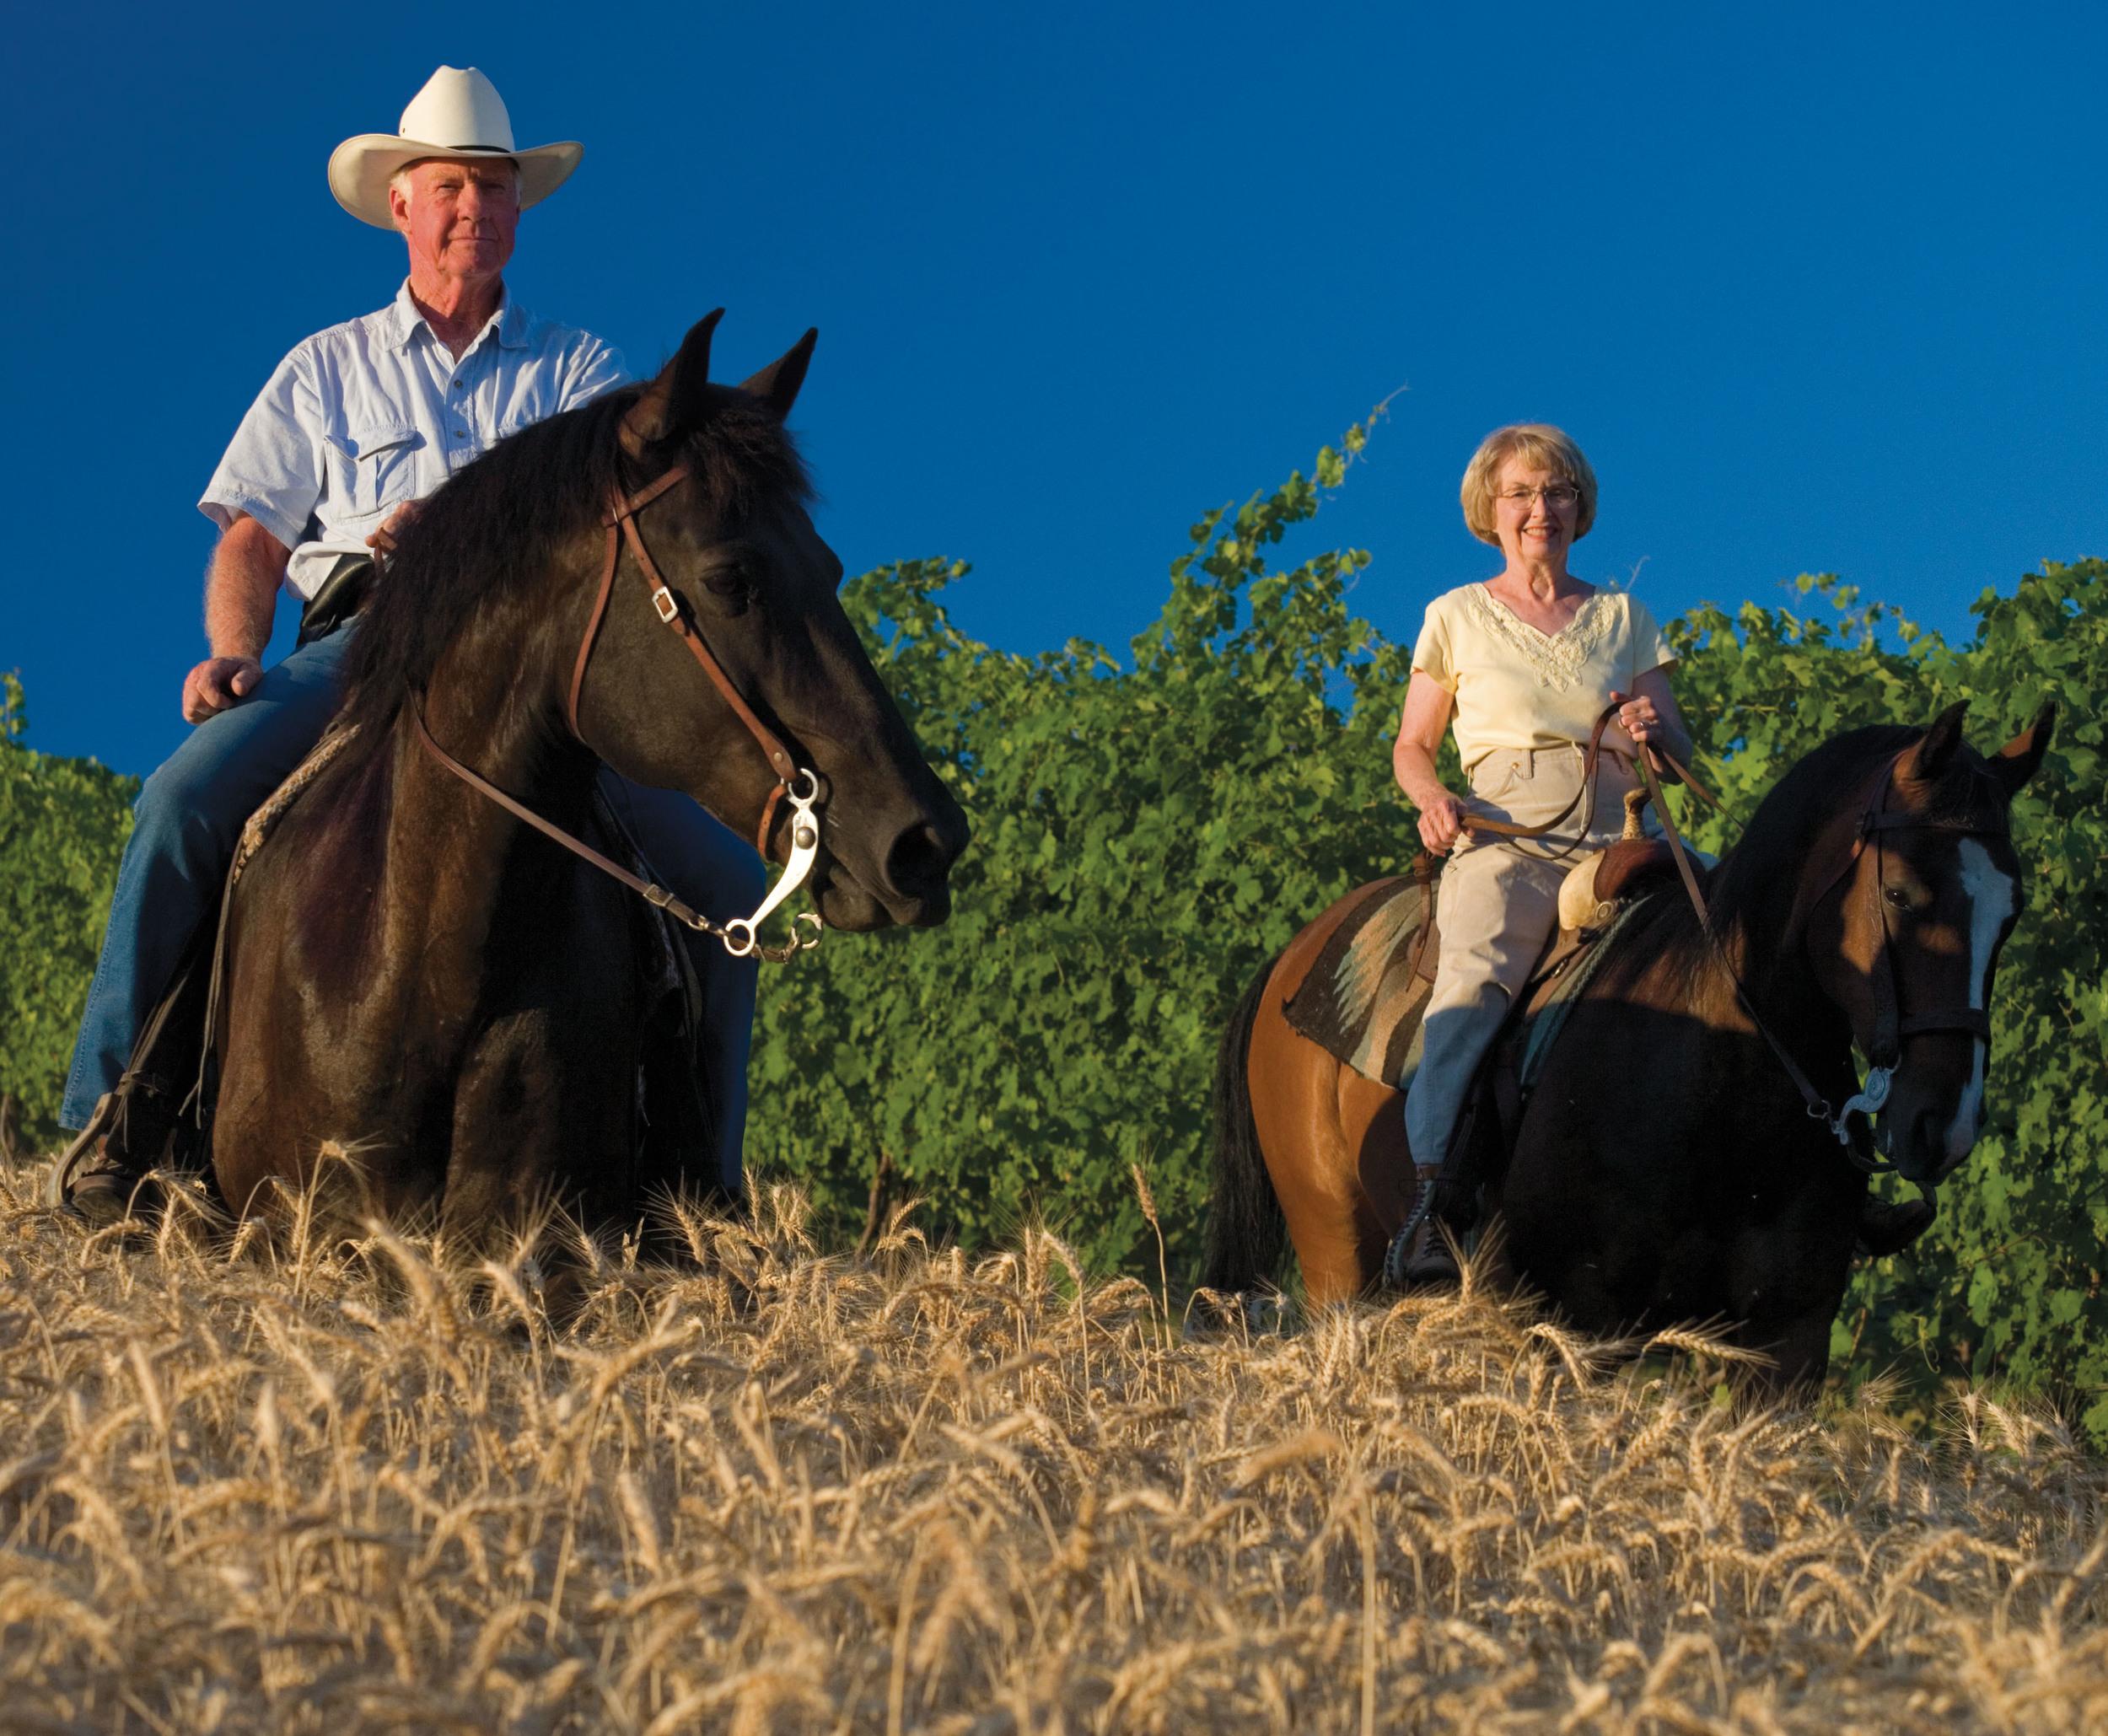 SVV_img_Derbys_Horseback.jpg